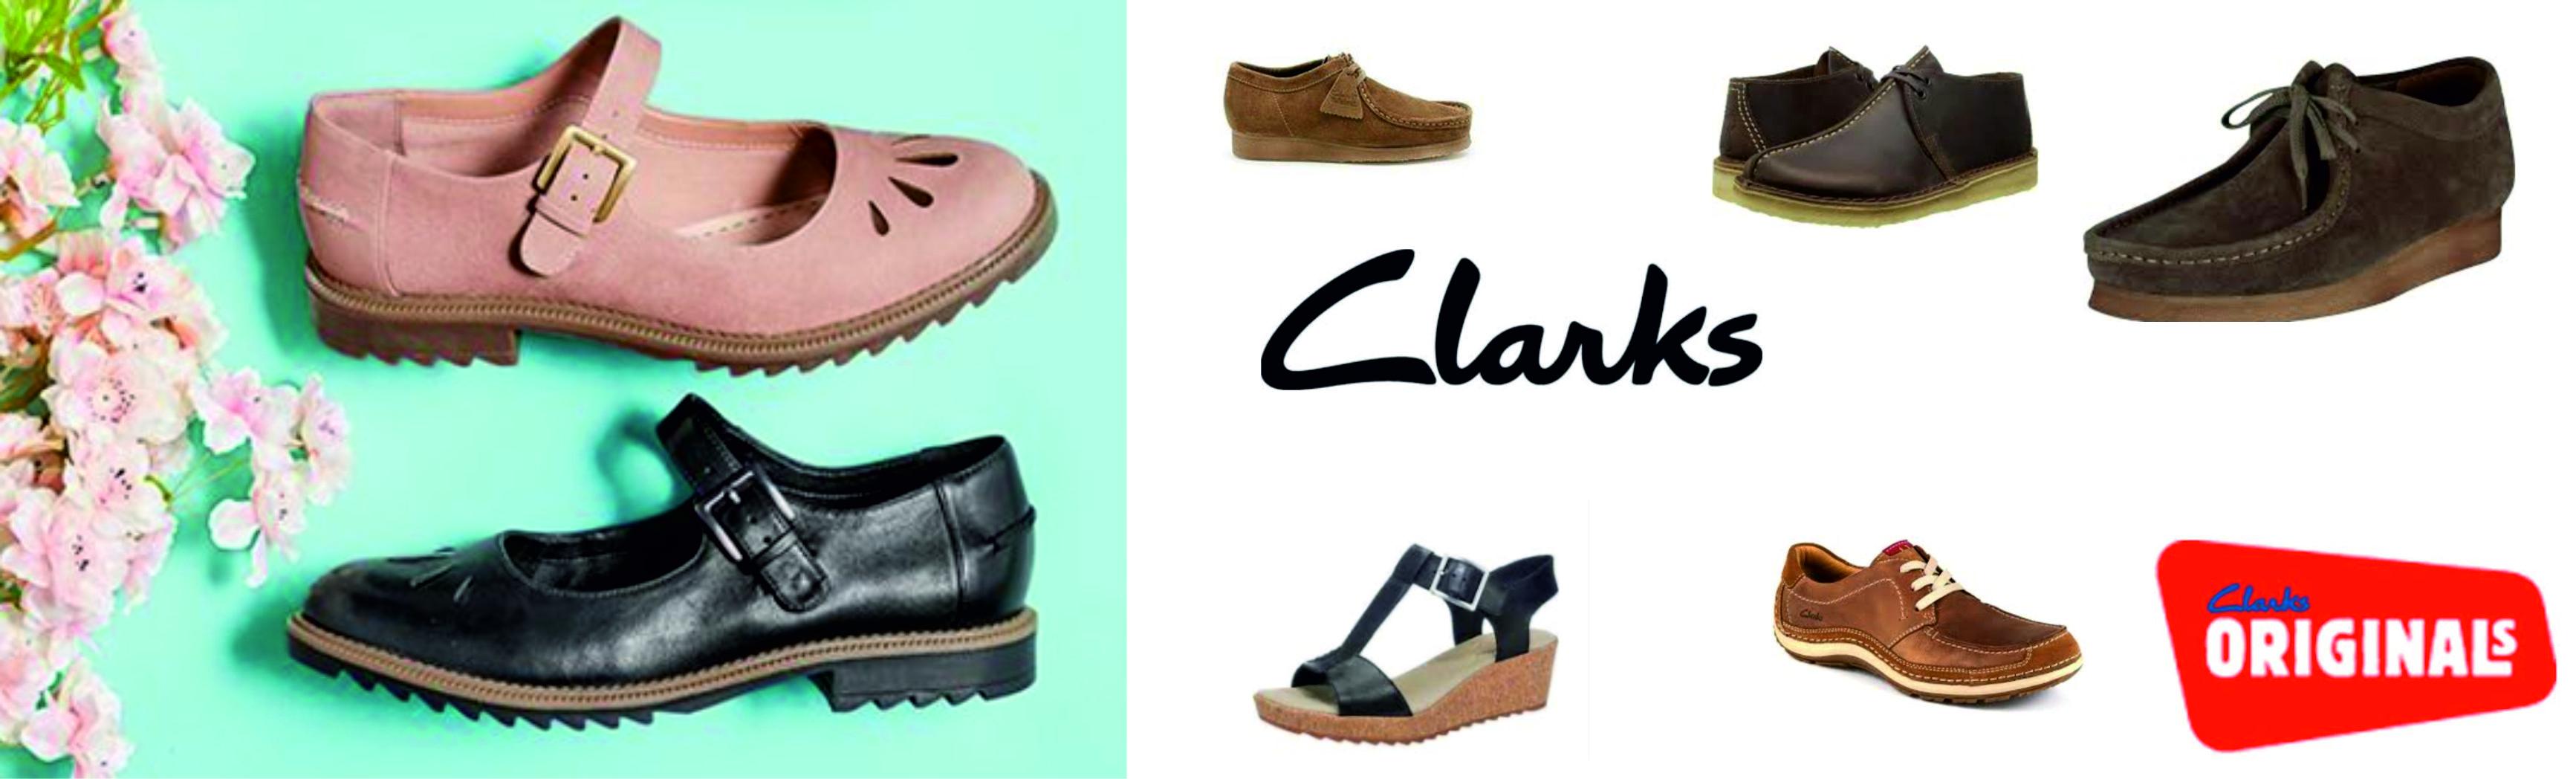 the latest 4926e 21a75 Clarks Schuhe in großer Auswahl günstig online kaufen | Schuhe24